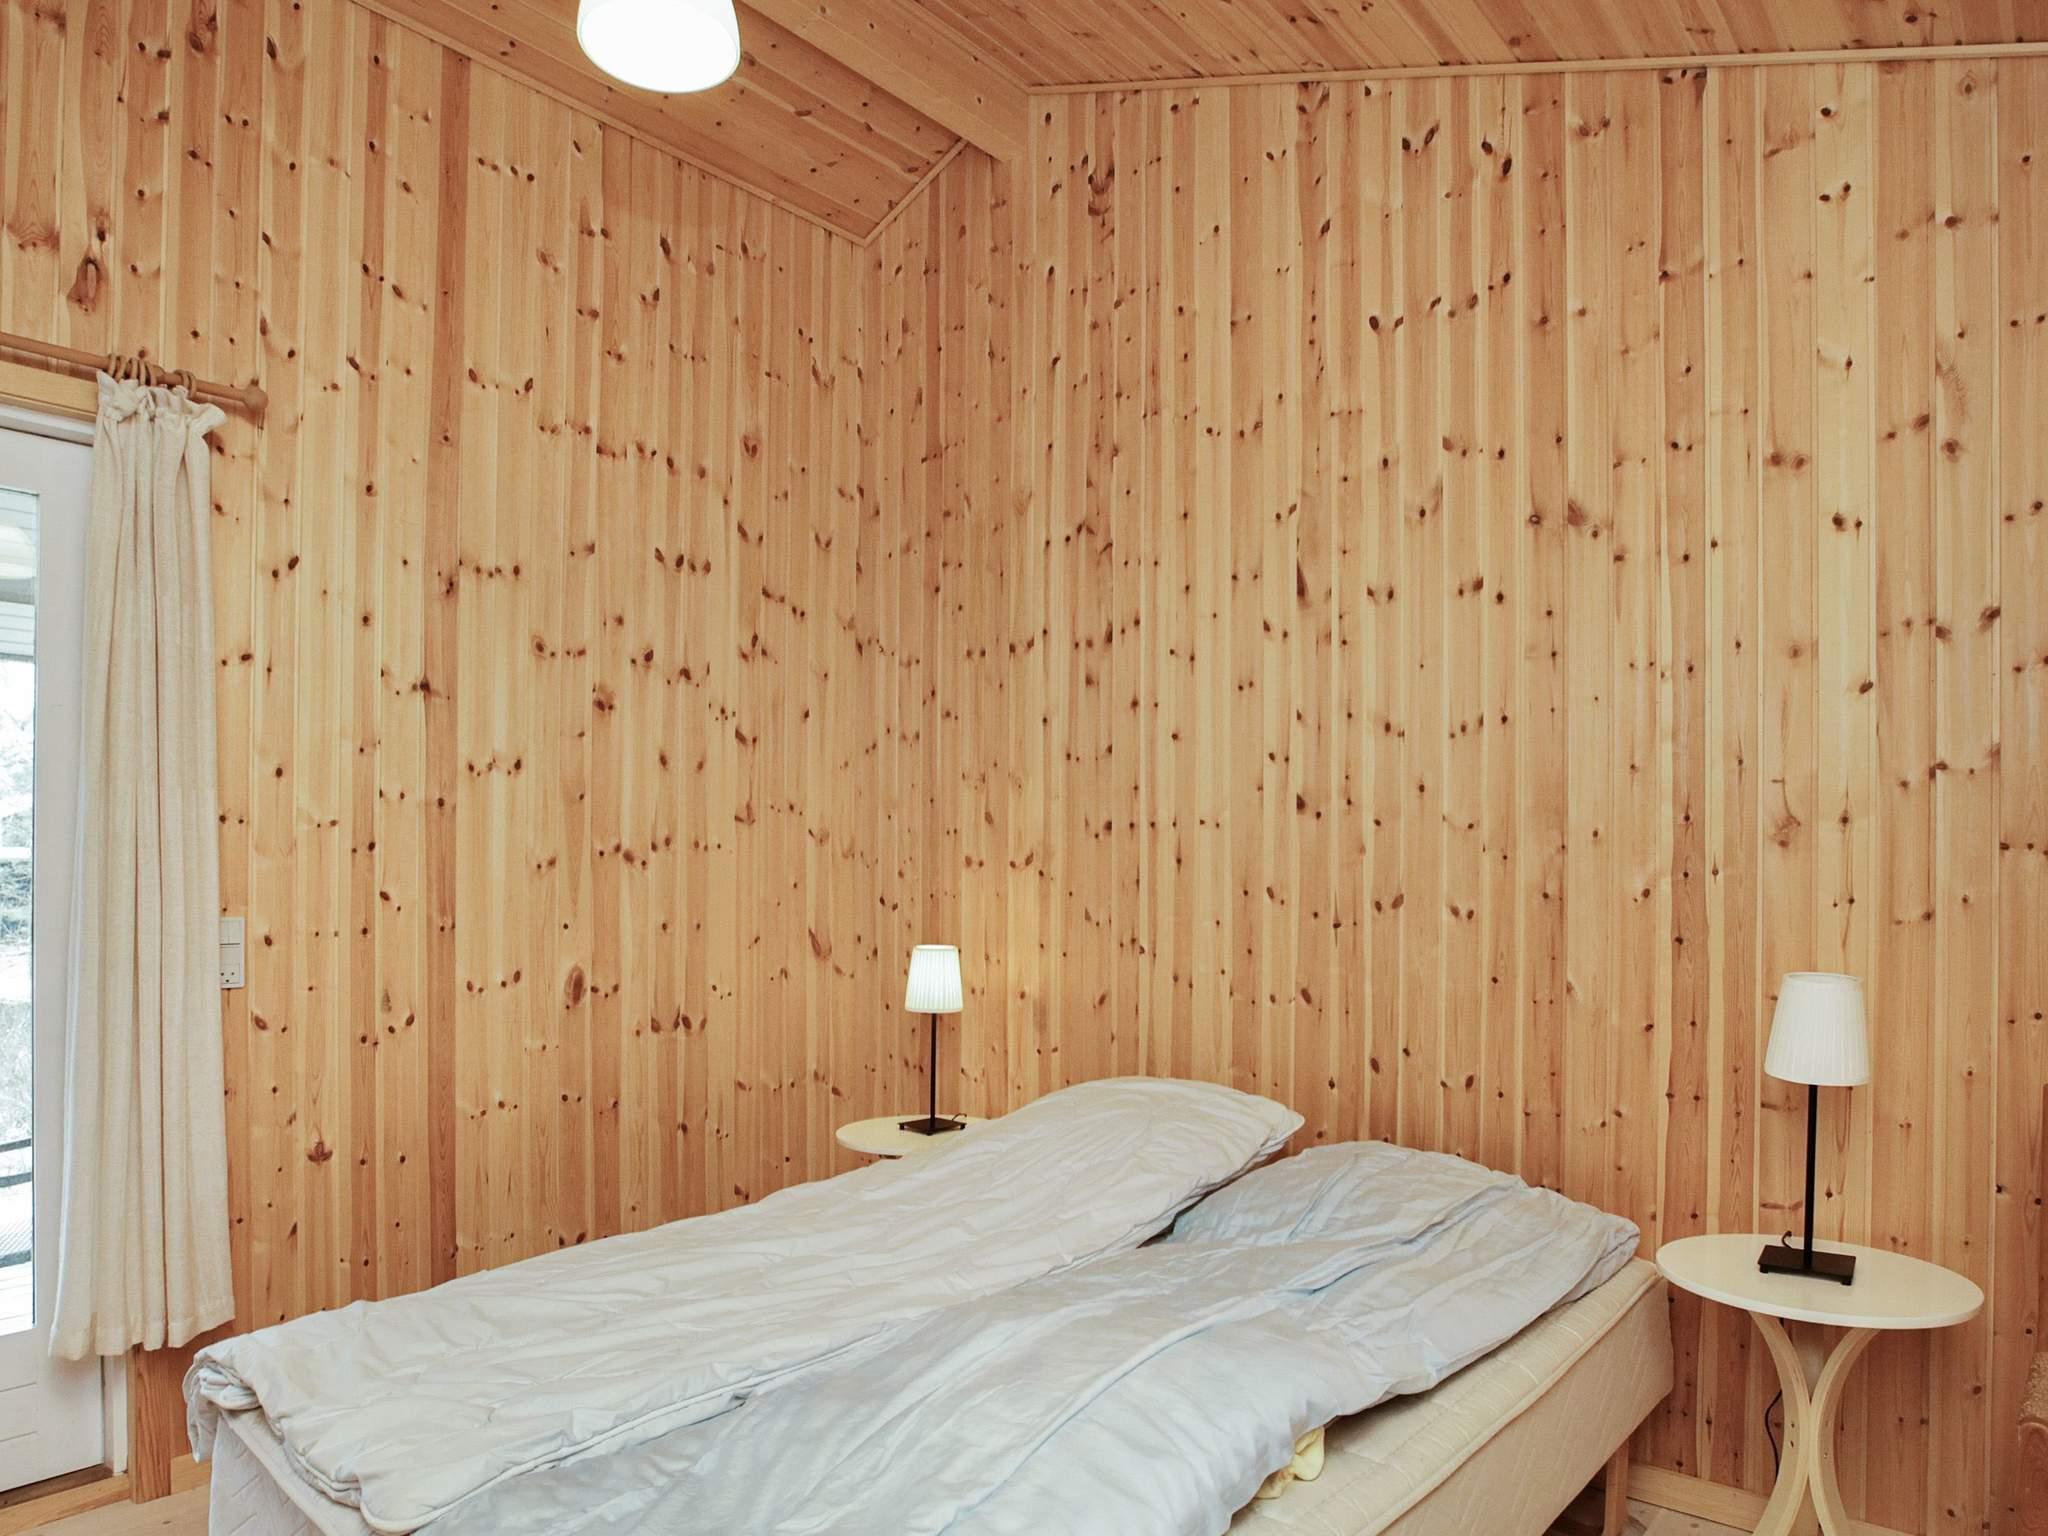 Ferienhaus Hou/Lagunen (88163), Hou, , Nordostjütland, Dänemark, Bild 8